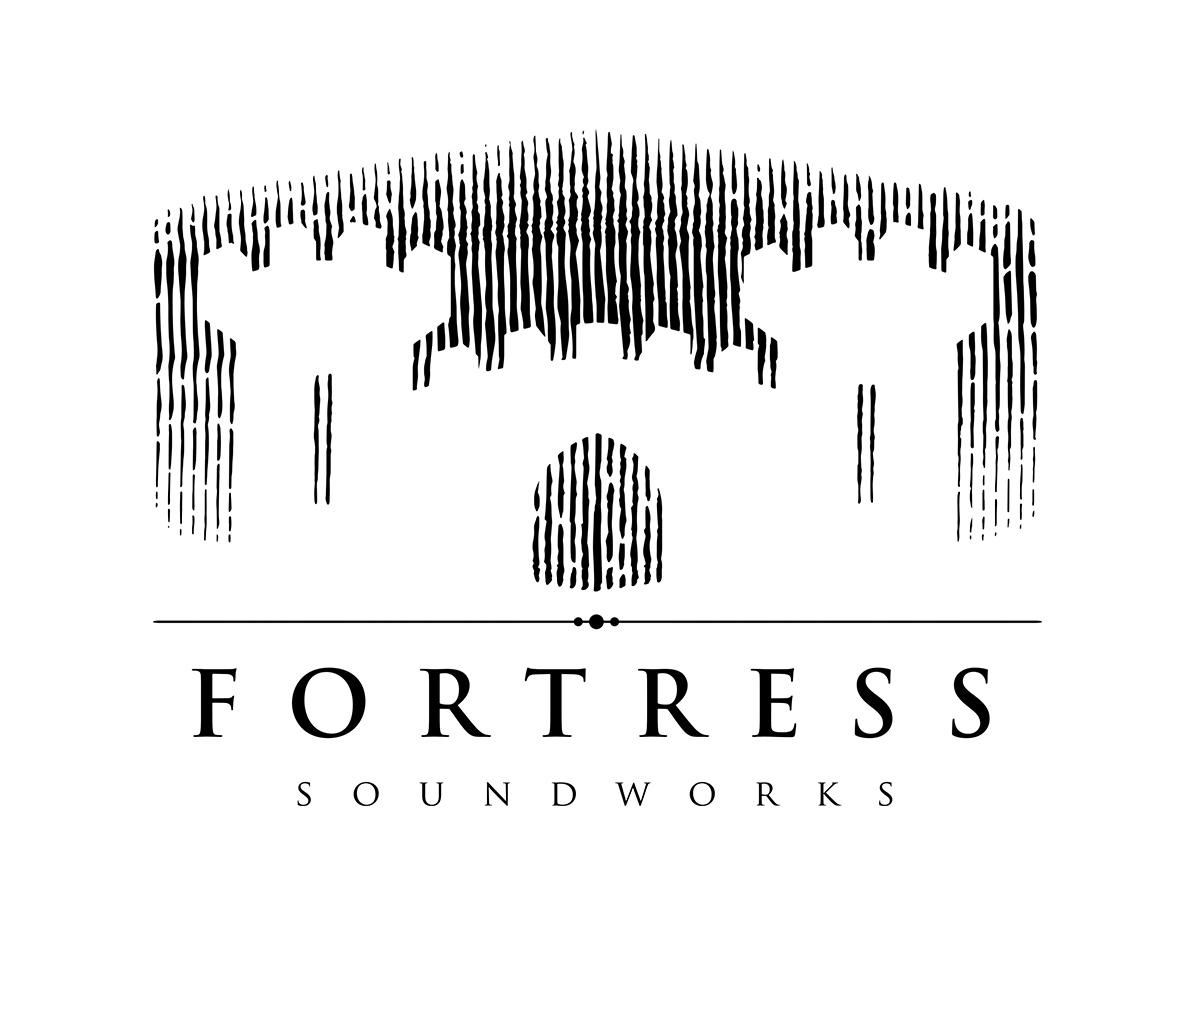 fortresssoundworks3.jpg